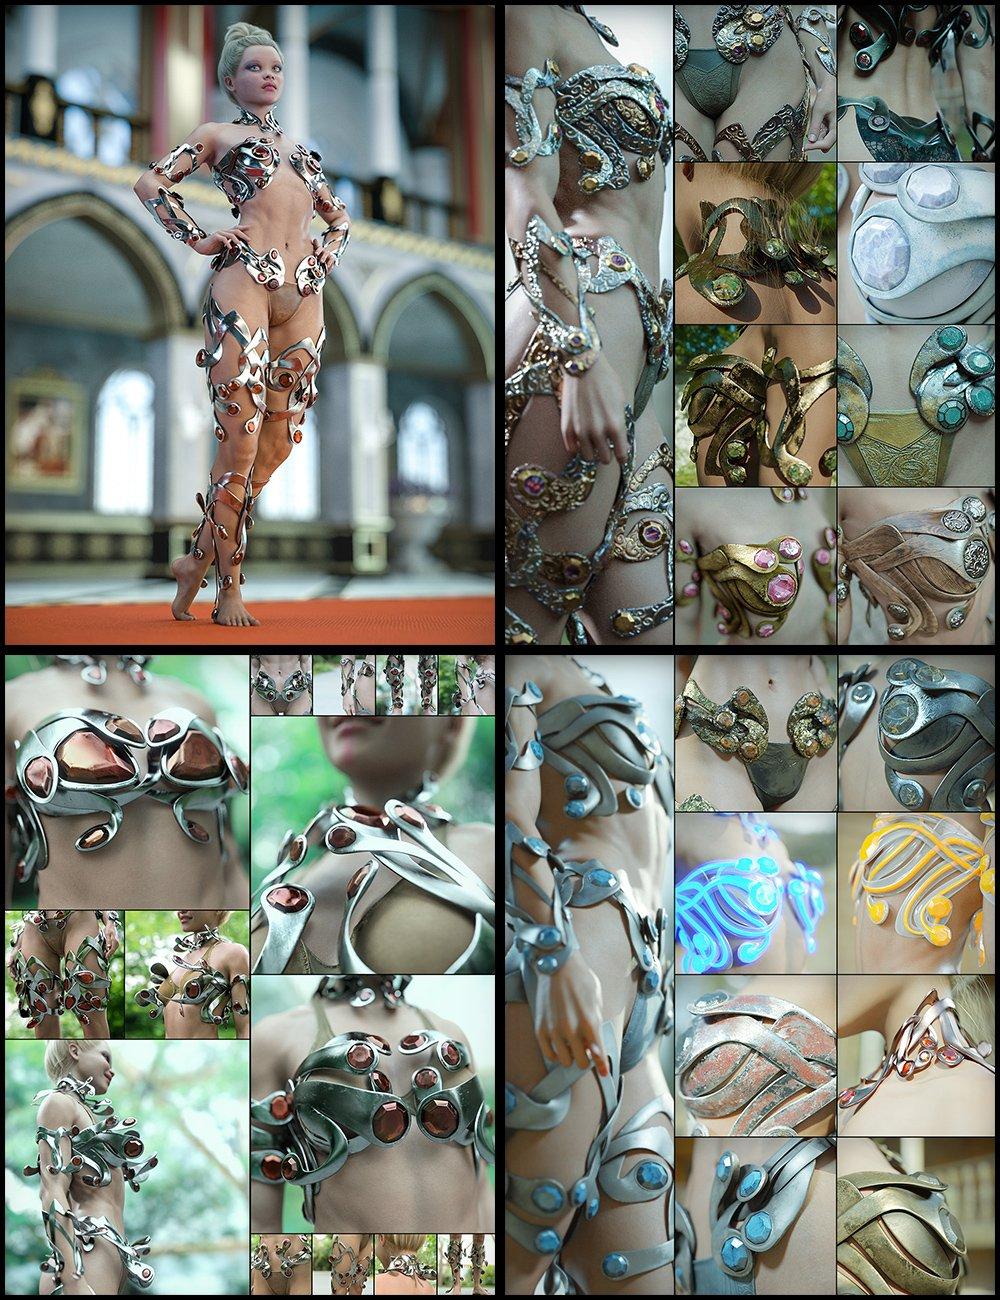 Enchanting Ornaments Bundle by: Aeon Soul, 3D Models by Daz 3D